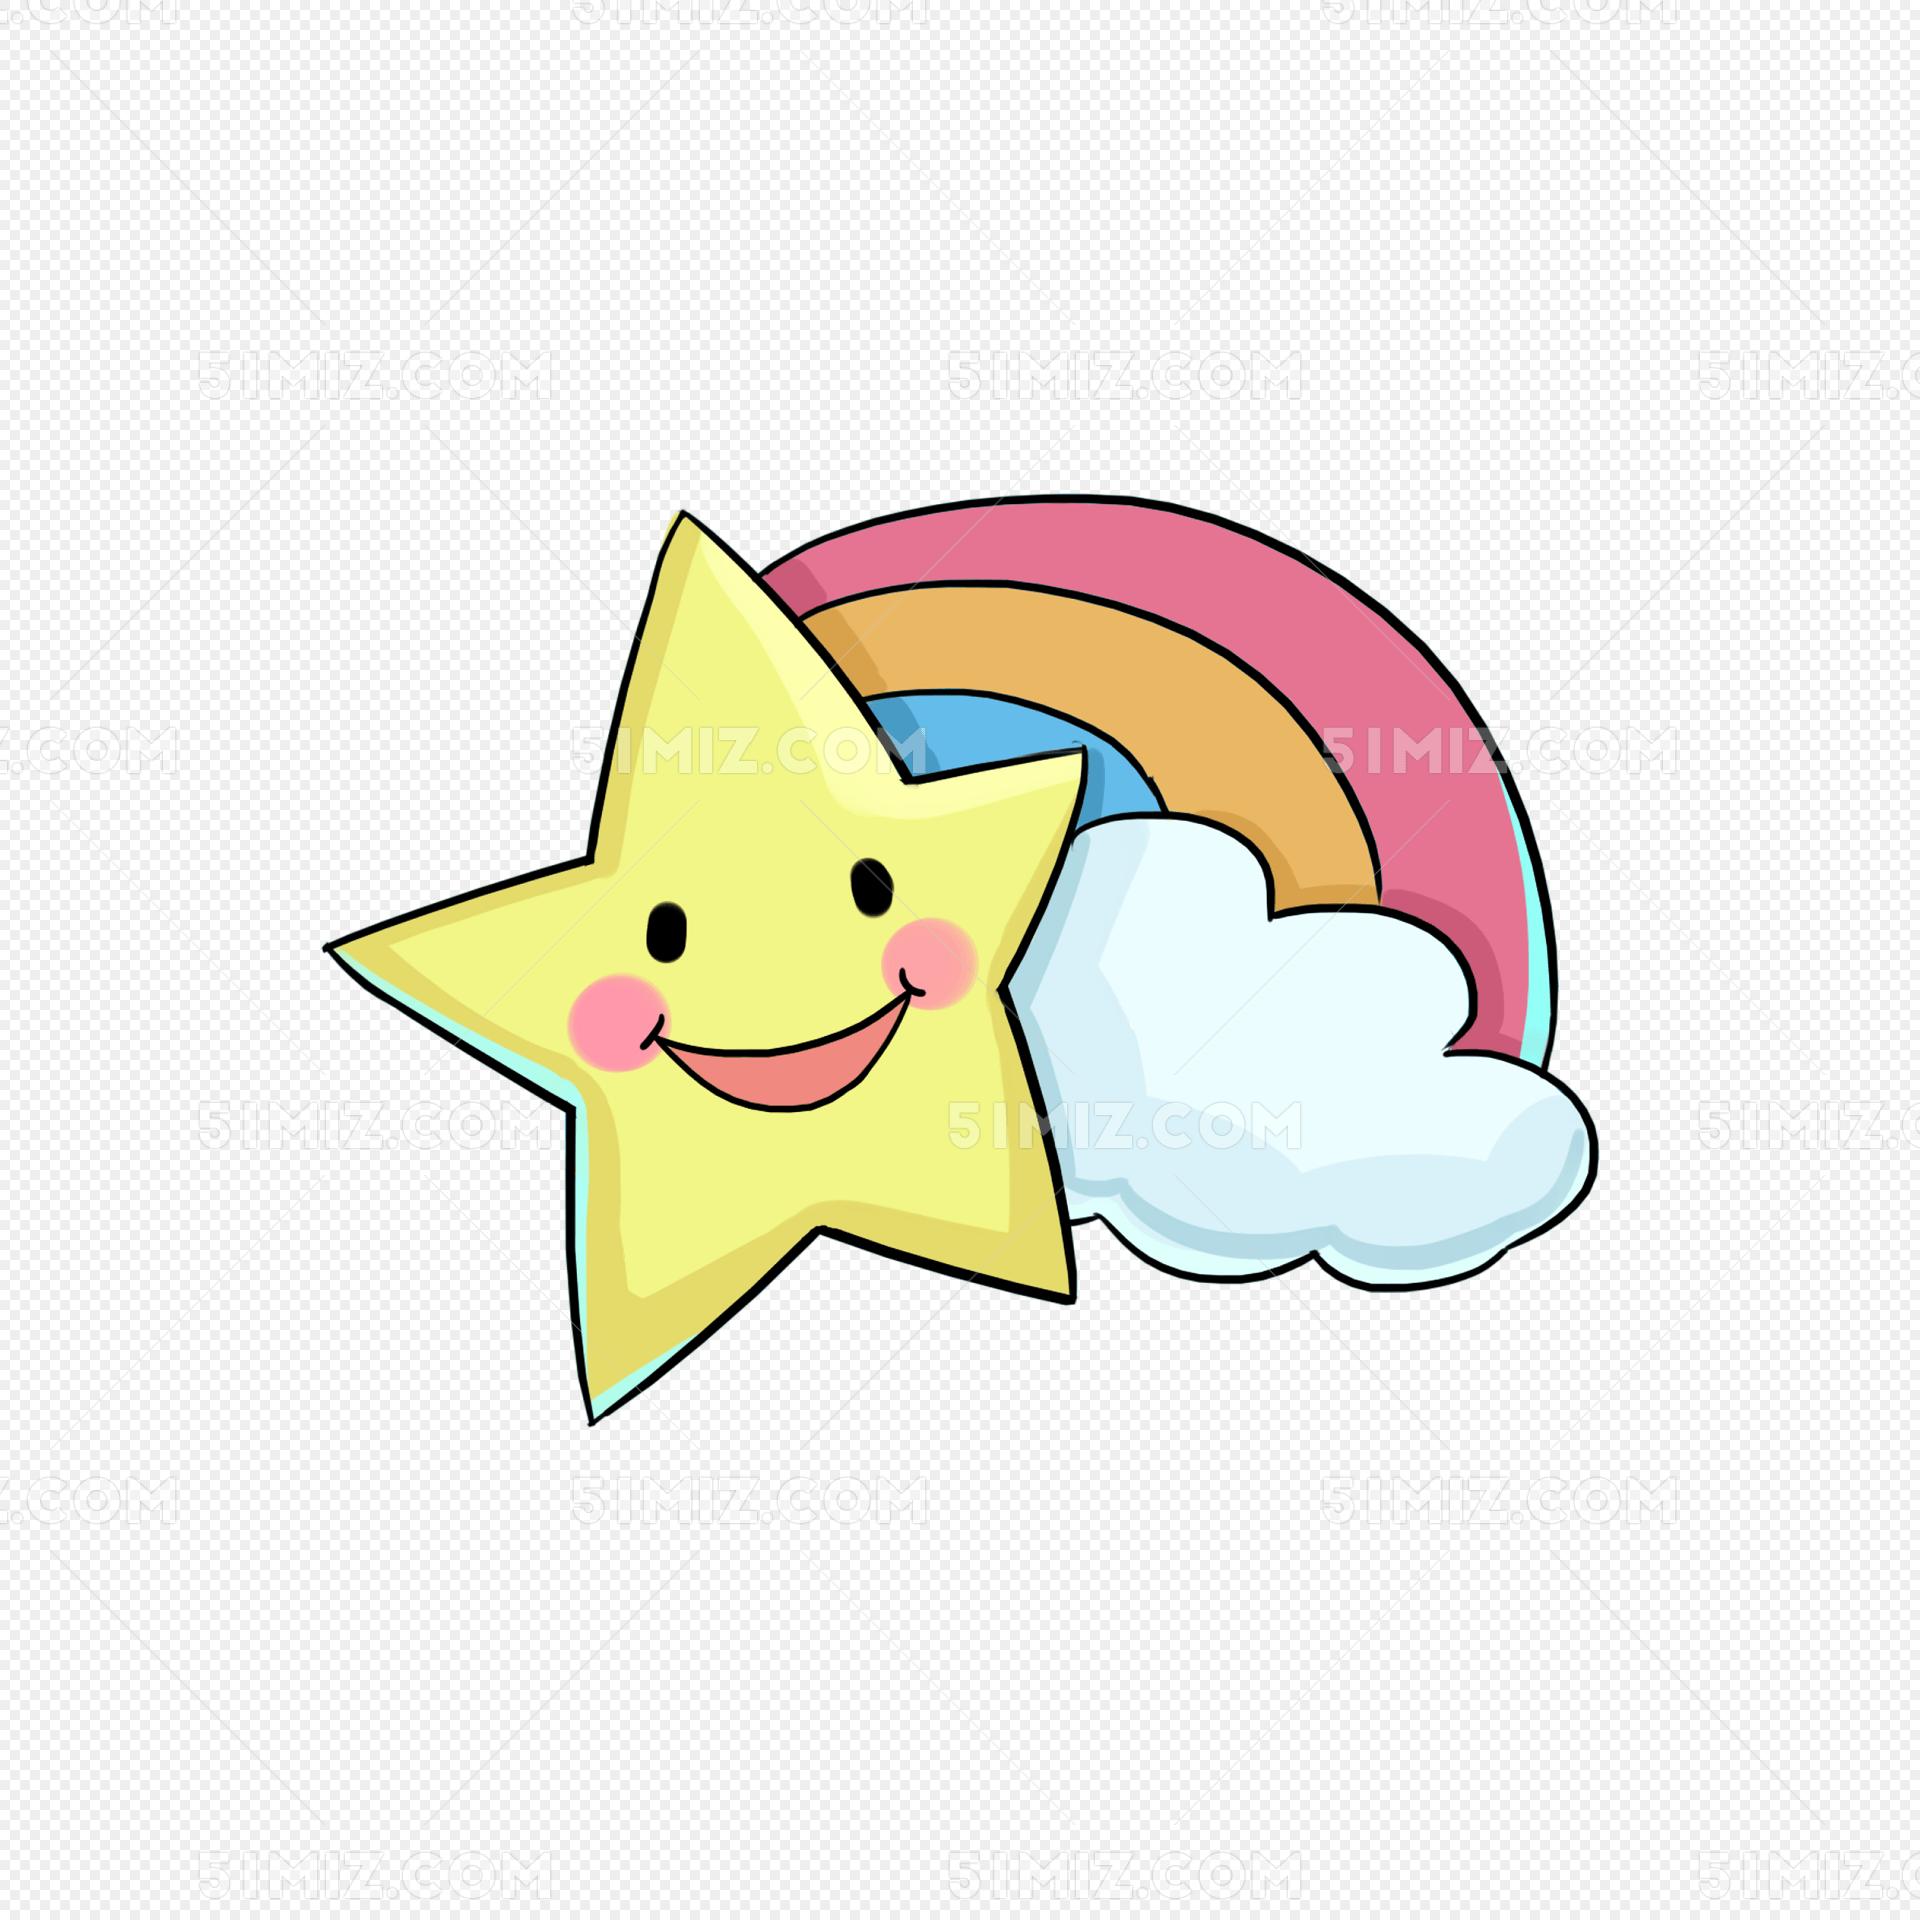 手绘可爱星星白云彩虹插画